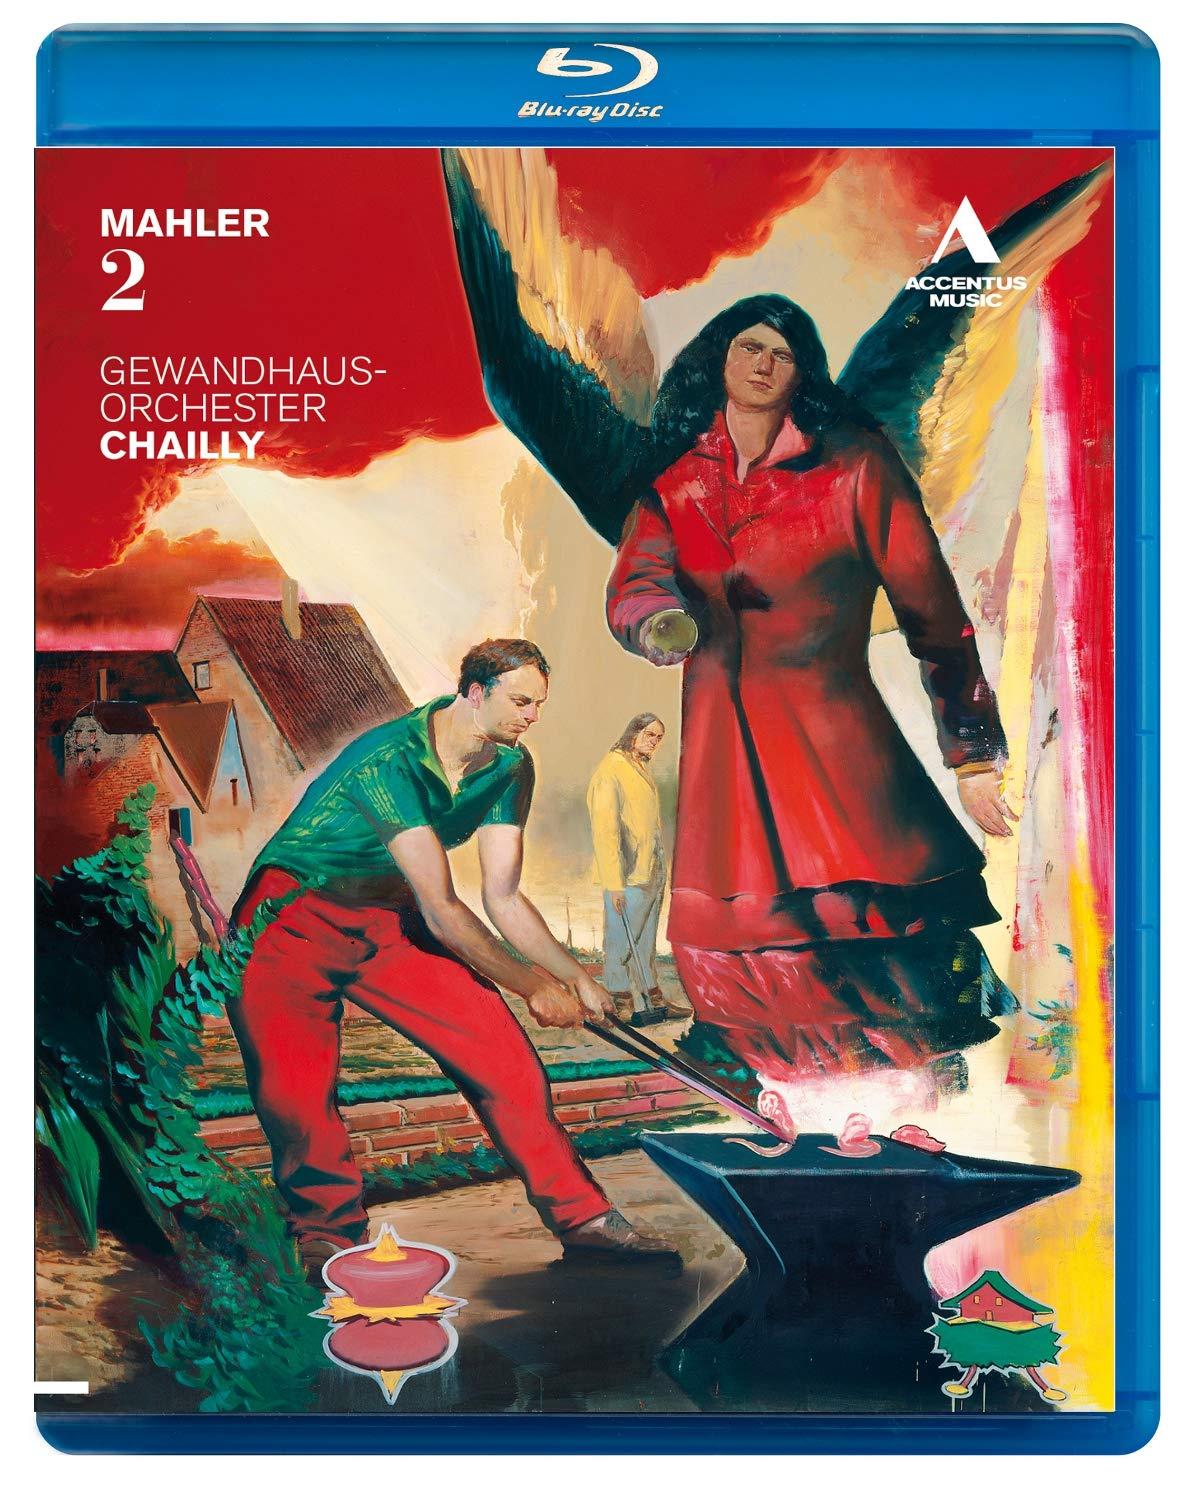 Riccardo Chailly Leipzig Gewandhaus Rapid rise 2 Blu-r Discount is also underway Mahler Orchestra: